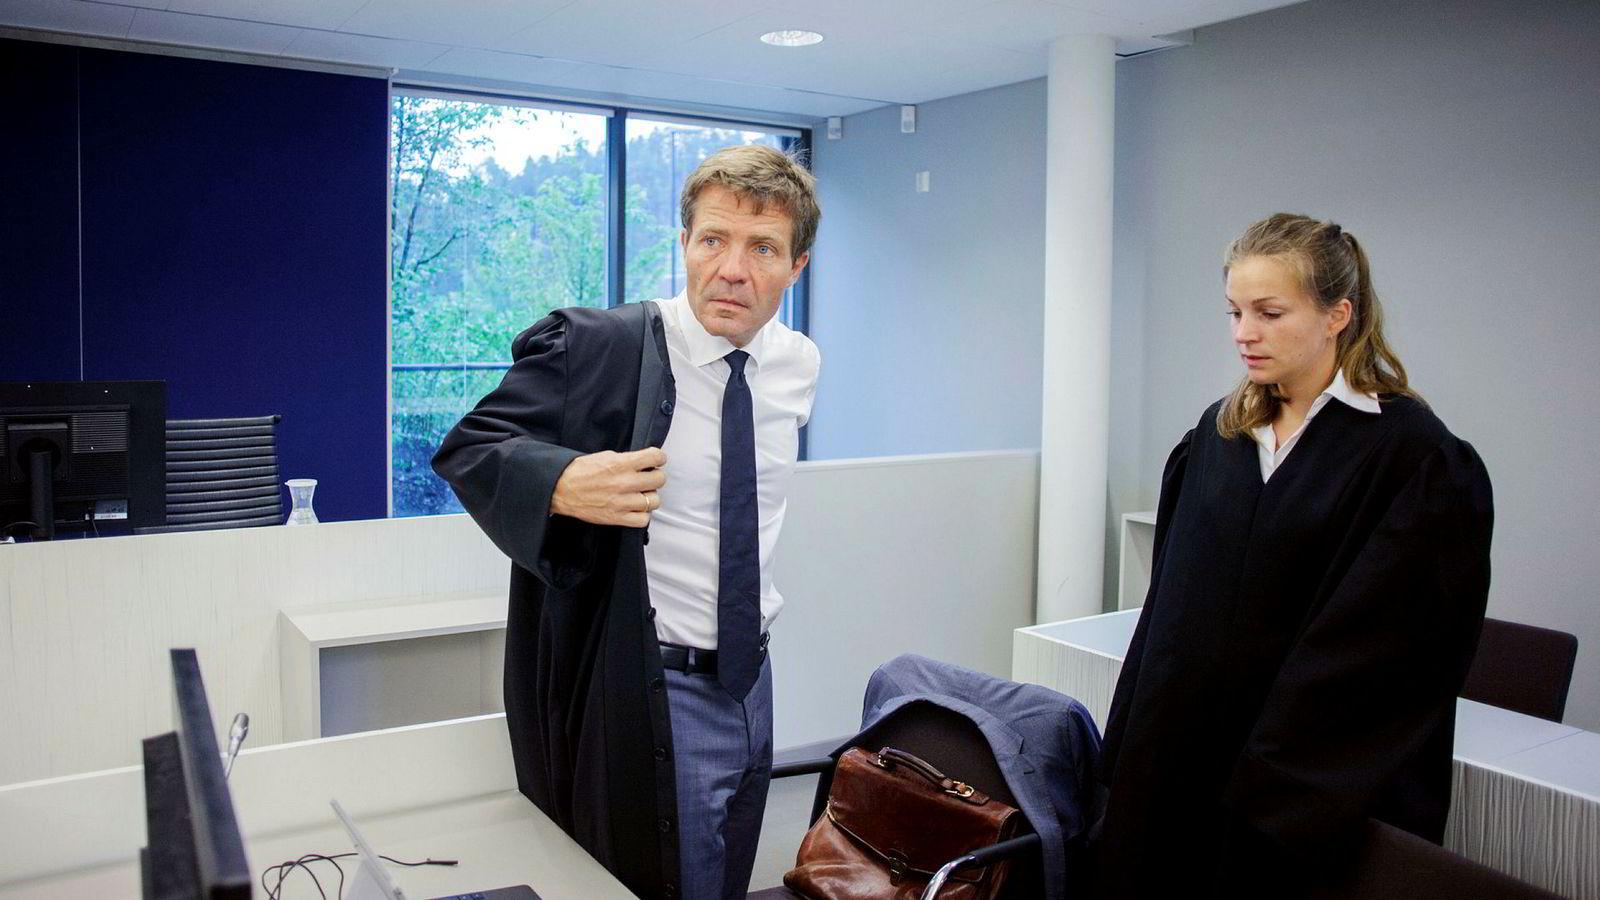 Advokat Christian B. Hjort forsvarte tidligere salgssjef i Kongsberg Gruppen, Dag Tore Sekkelsten. Her er han fotografert sammen med og advokatfullmektig Sara Hambro under behandlingen i Asker og Bærum tingrett.